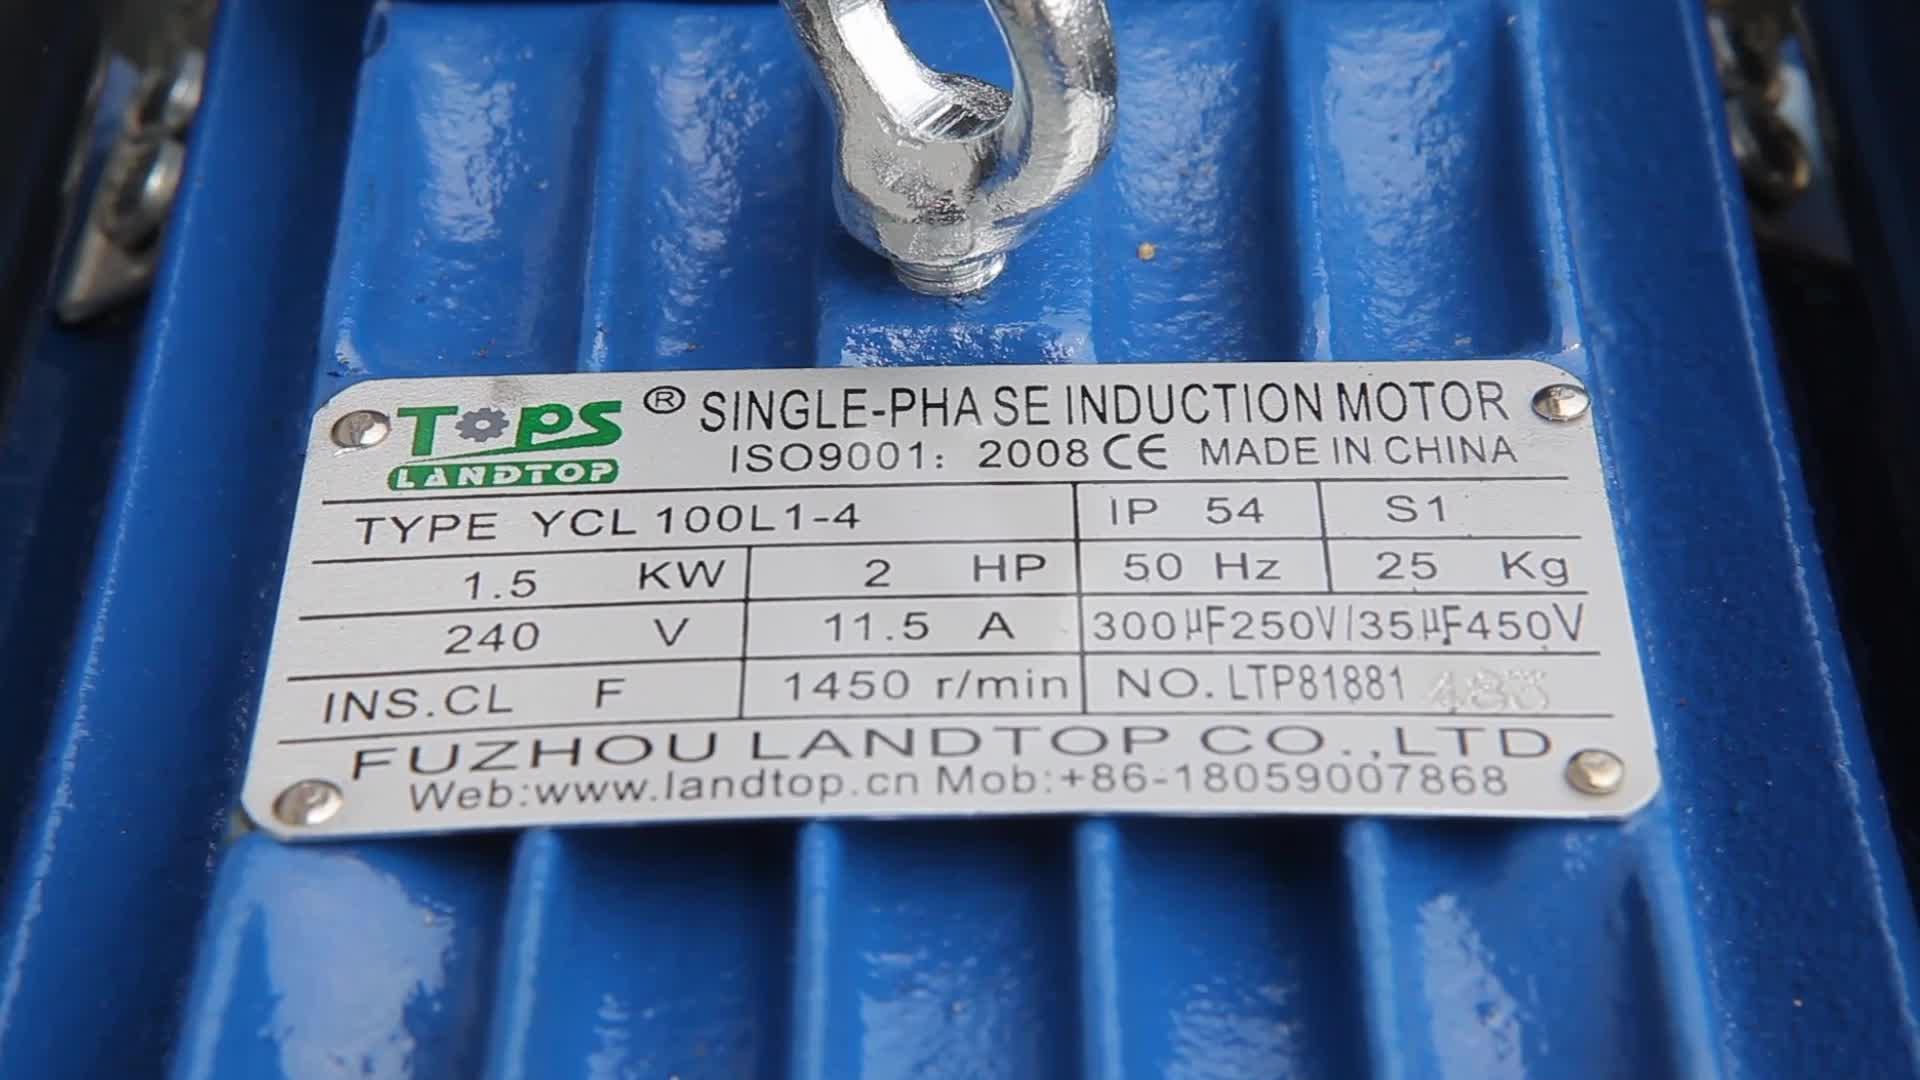 Landtop Yc Eenfase Condensator Start Inductie Elektrische Motor 0.5hp 1hp 2hp 3hp 5hp 220V